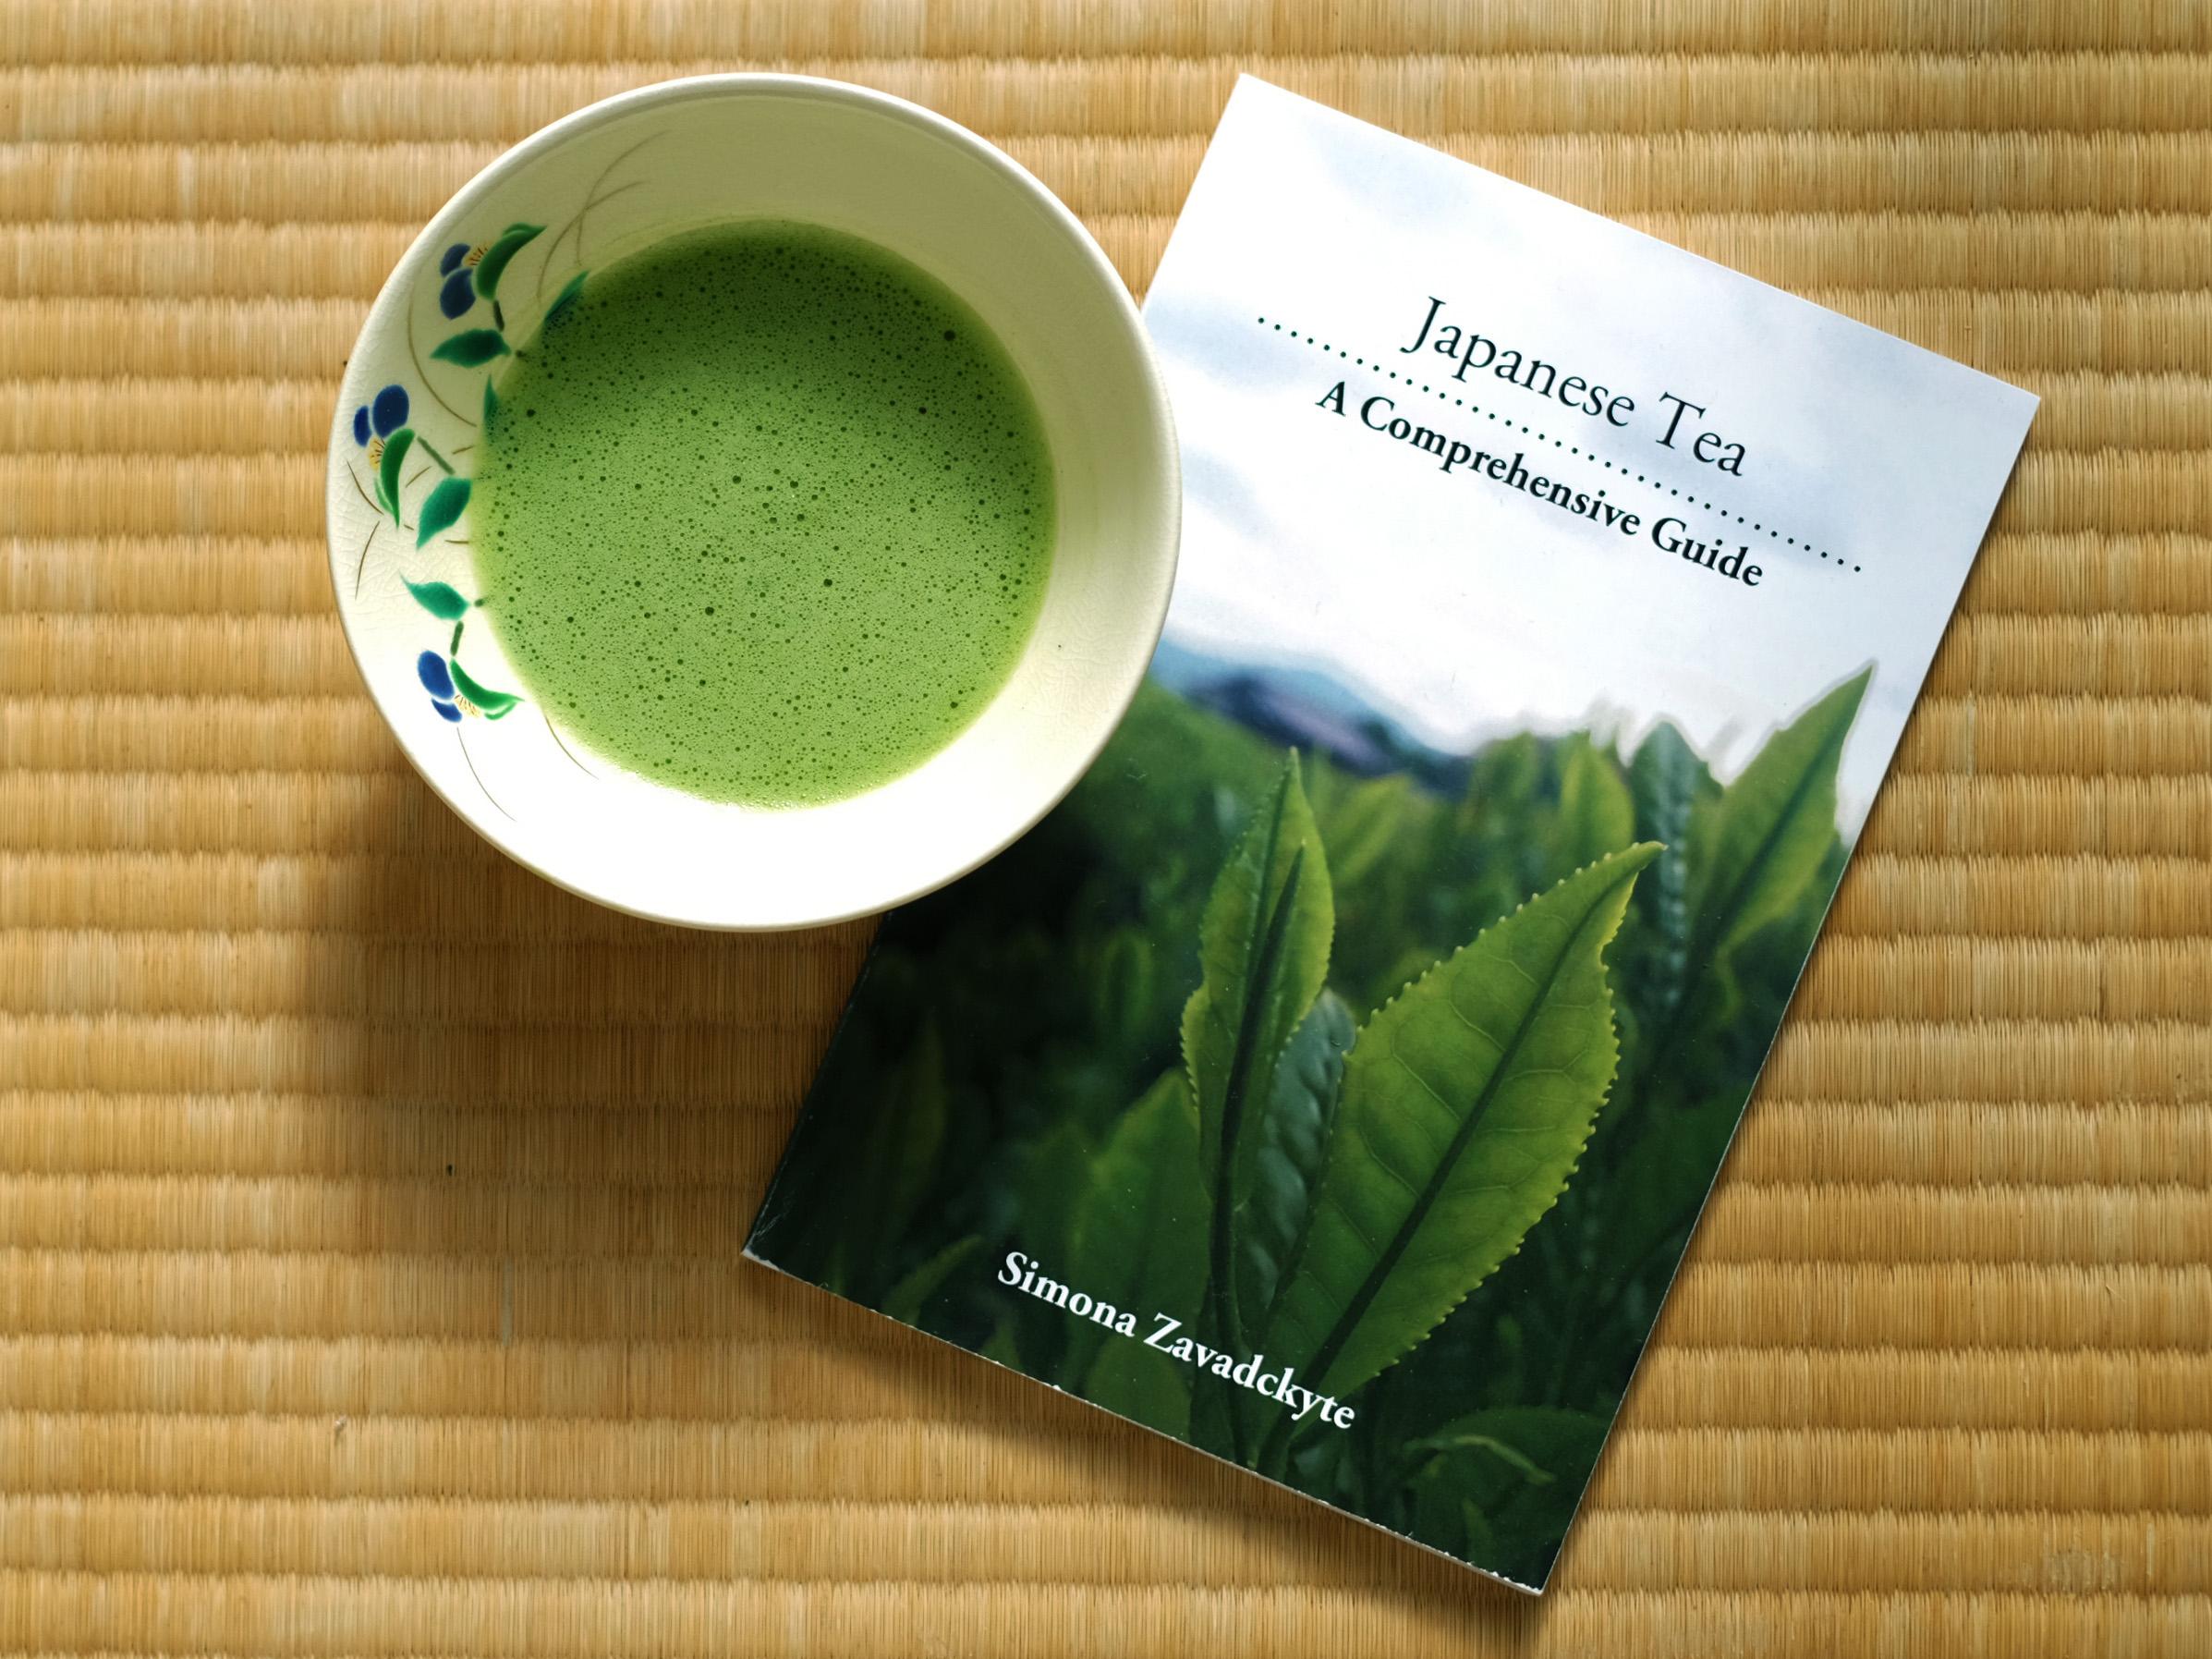 چای در فرهنگ ژاپن